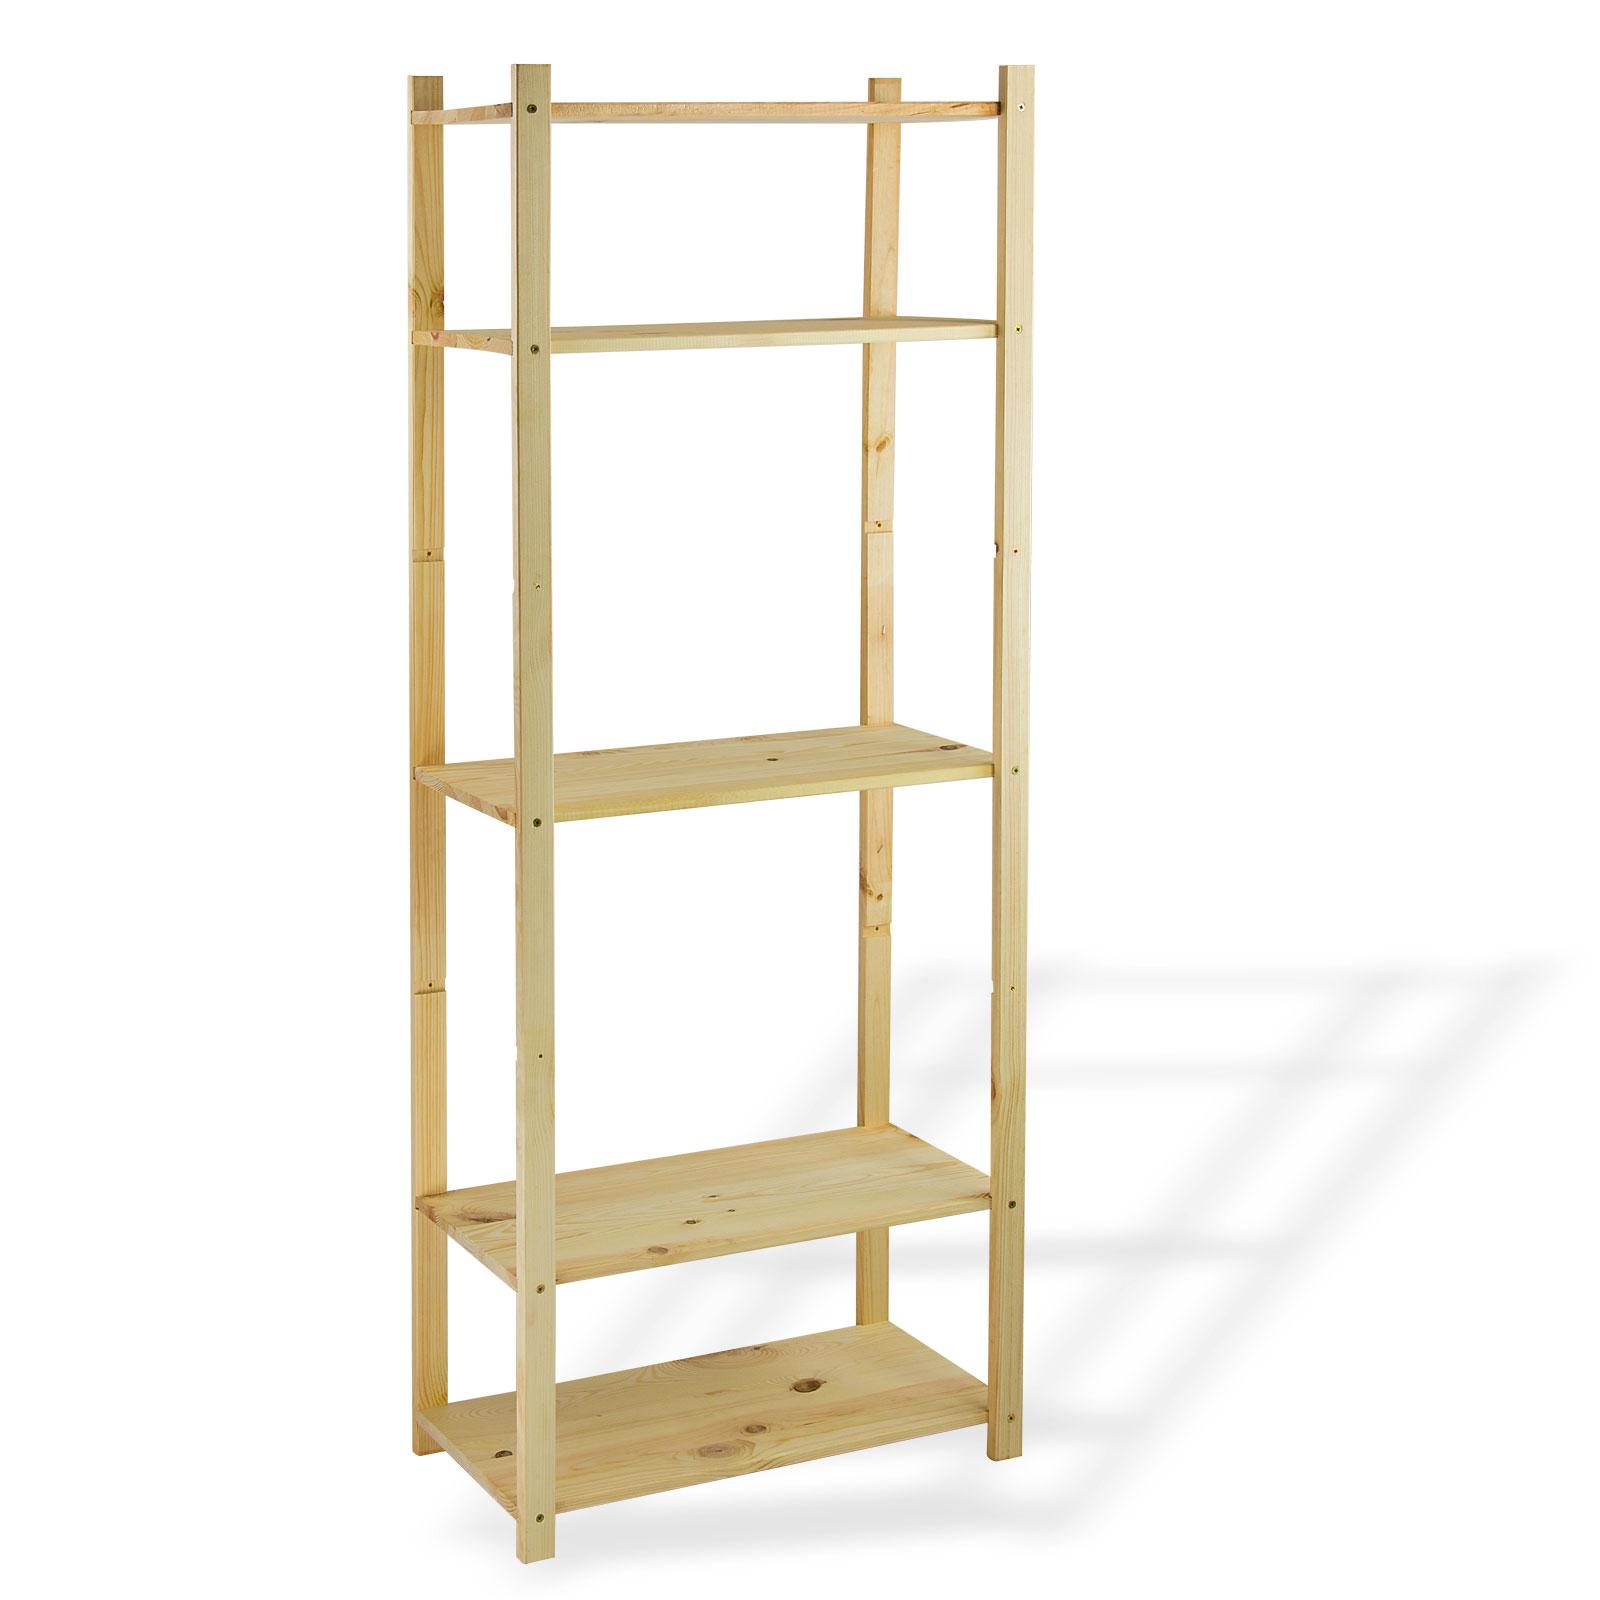 holzregal regal lagerregal vorratsregal lattenregal kellerregal 4 b den 15118 ebay. Black Bedroom Furniture Sets. Home Design Ideas